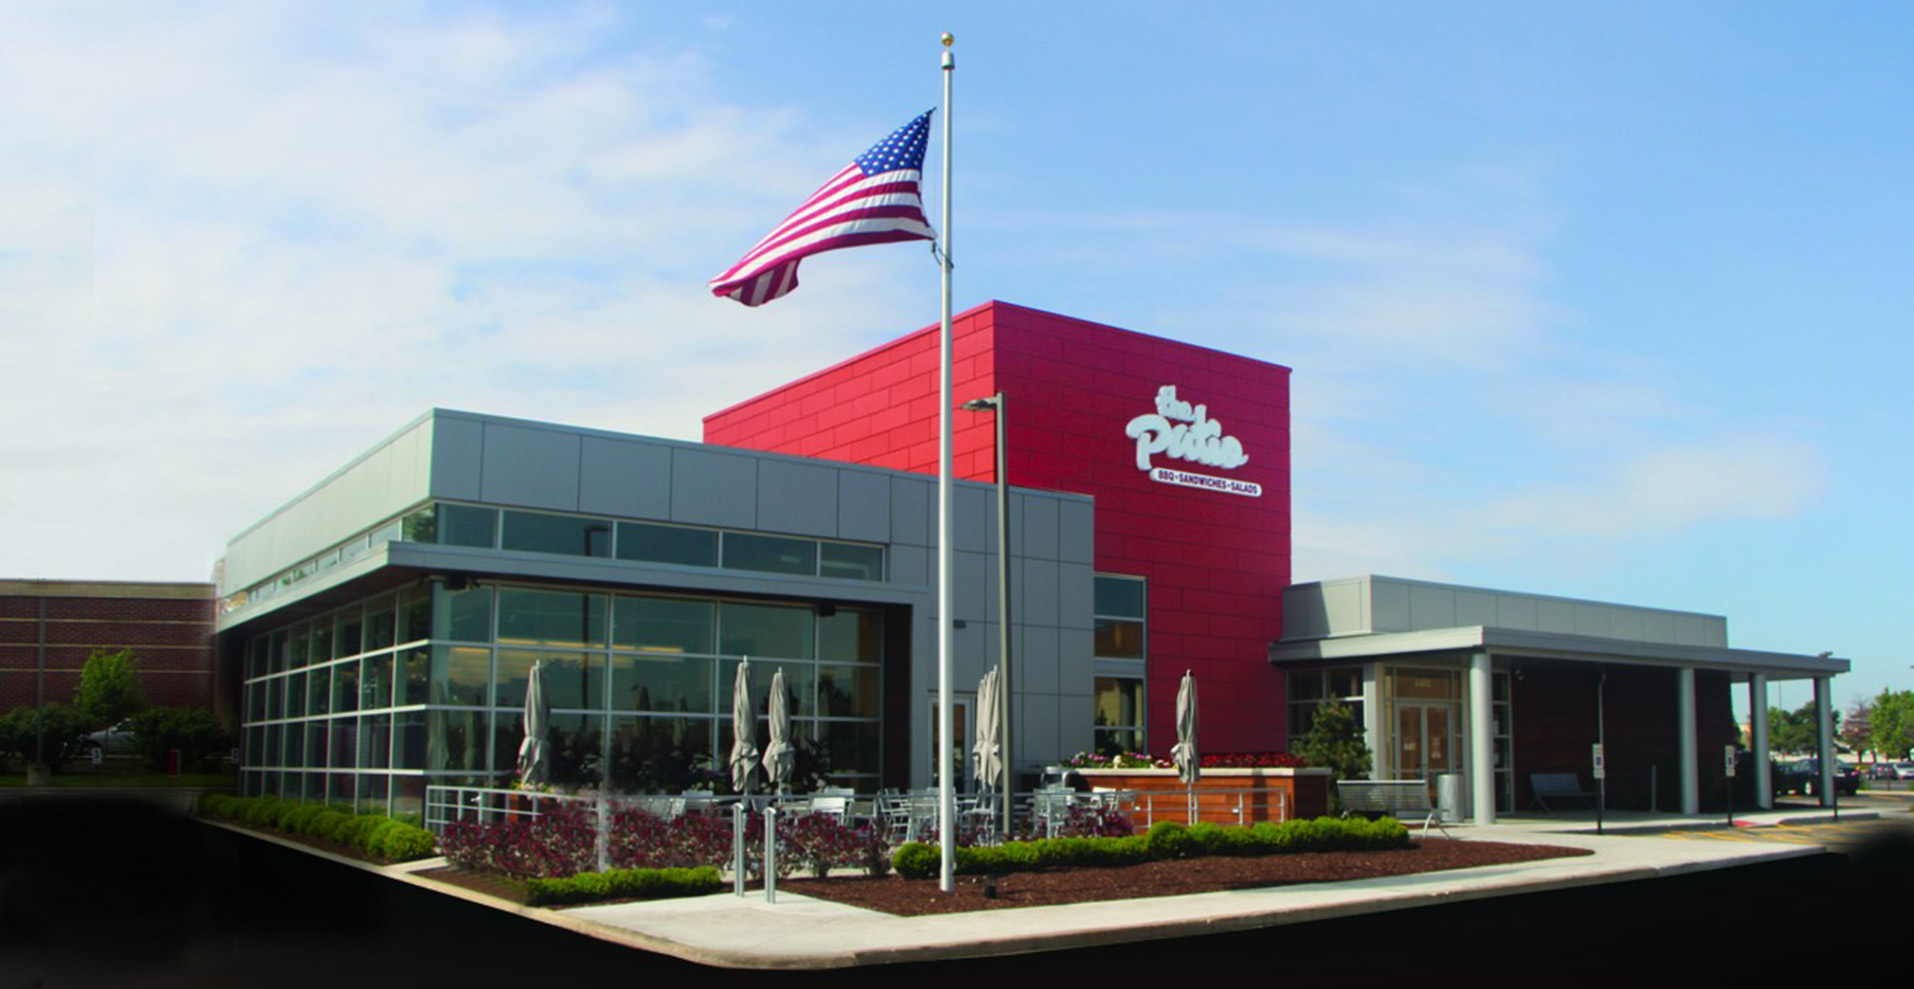 Patio Restaurant Group 4400 Fox Valley Center Dr Aurora Il